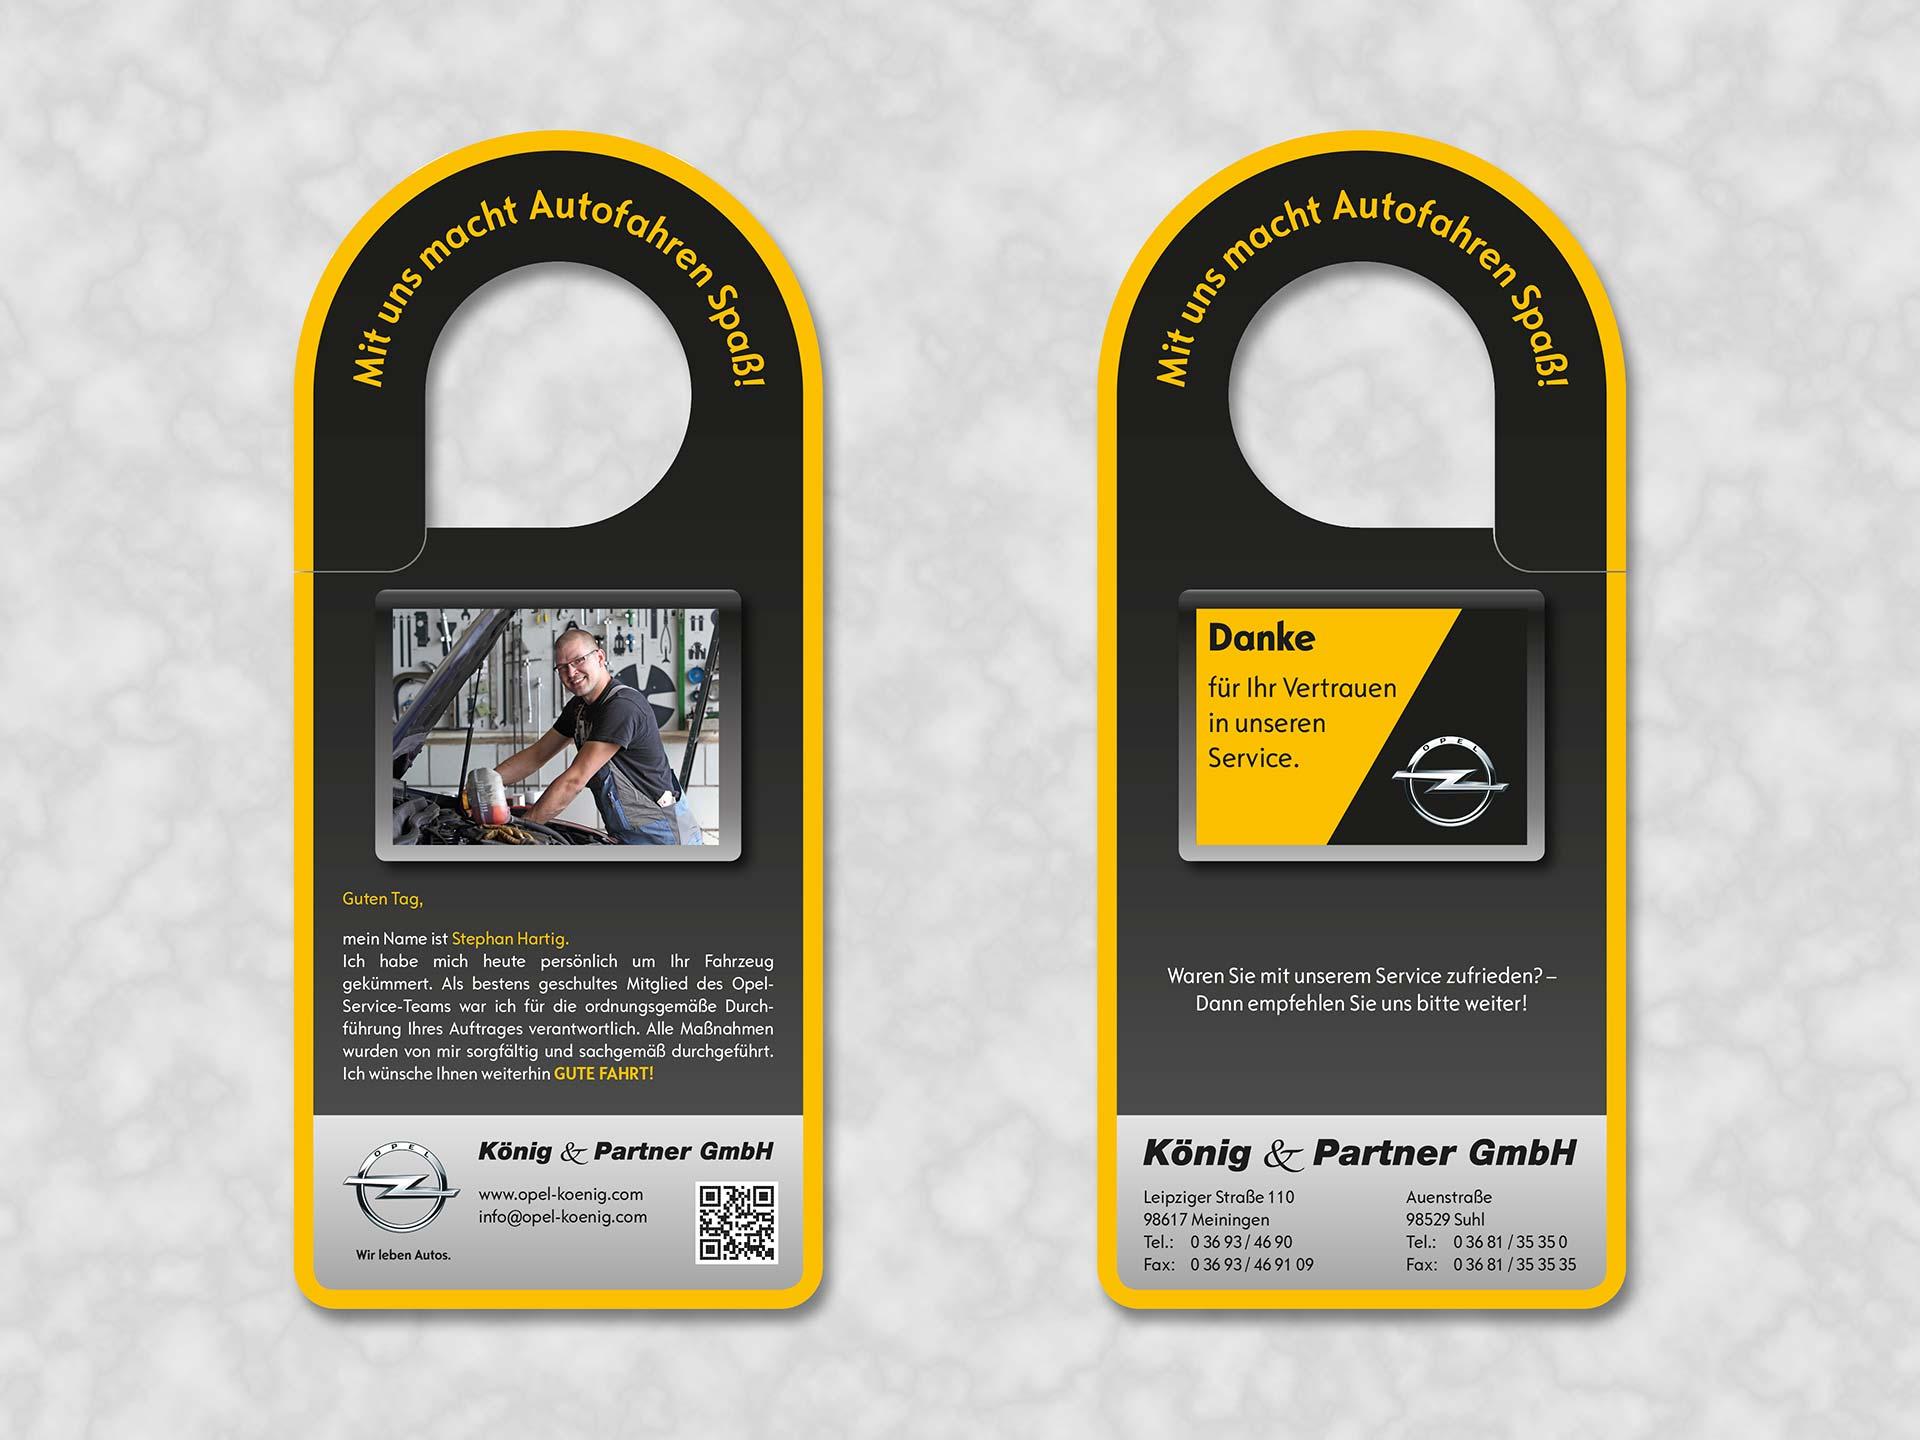 Spiegelanhänger mit Informationen zum Mechatroniker und einem Dankeschön an den Kunden